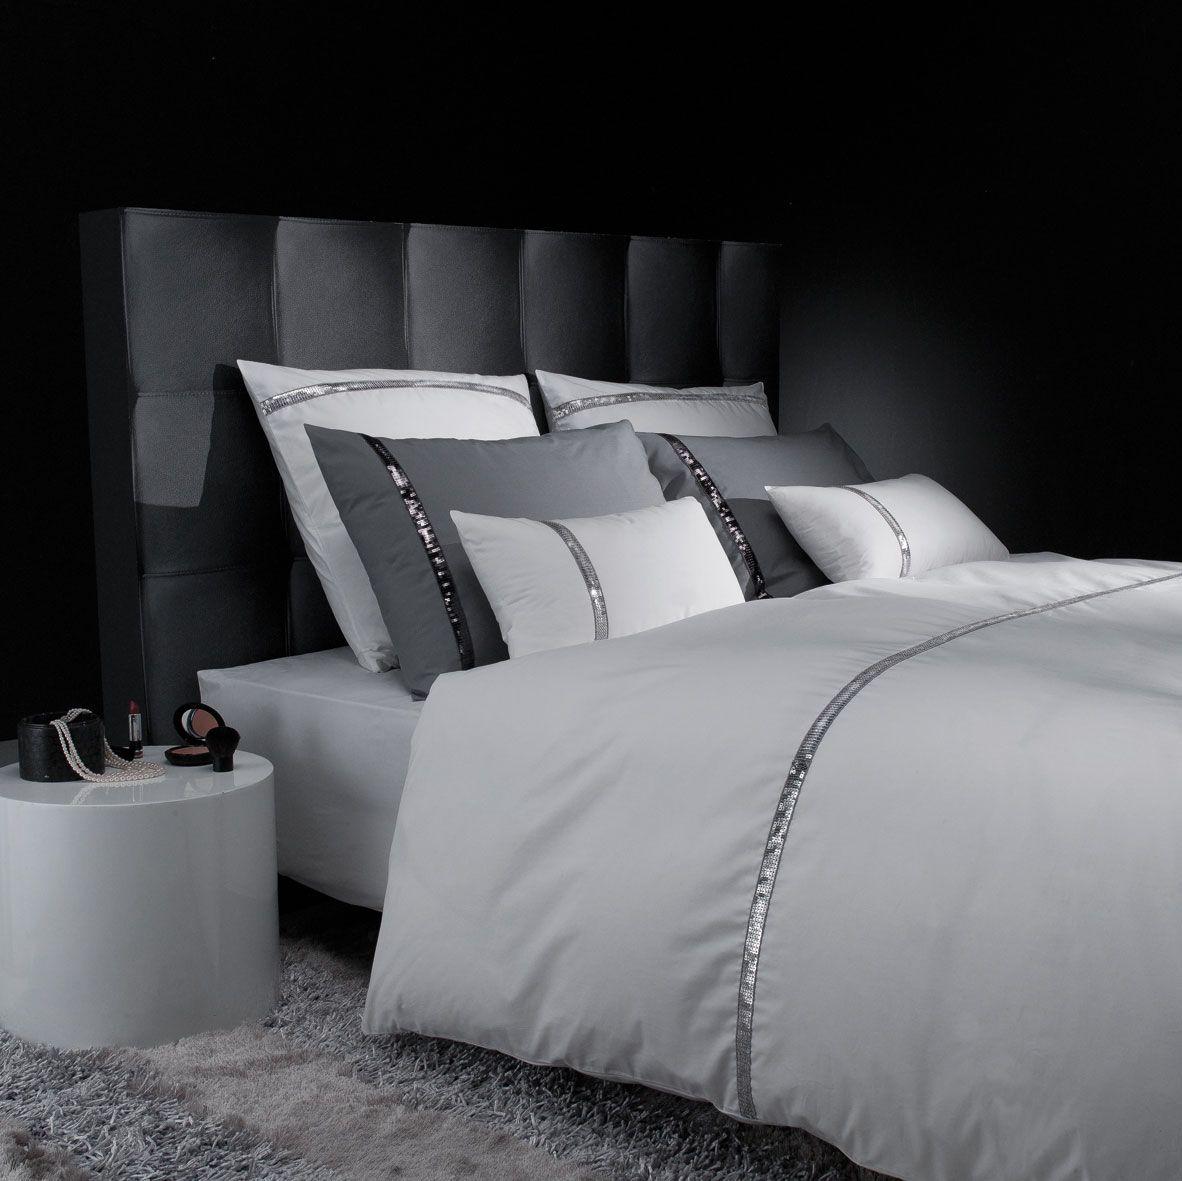 parure liz t collection blanc lingedelit lit d co maison f minin luxe hautdegamme. Black Bedroom Furniture Sets. Home Design Ideas